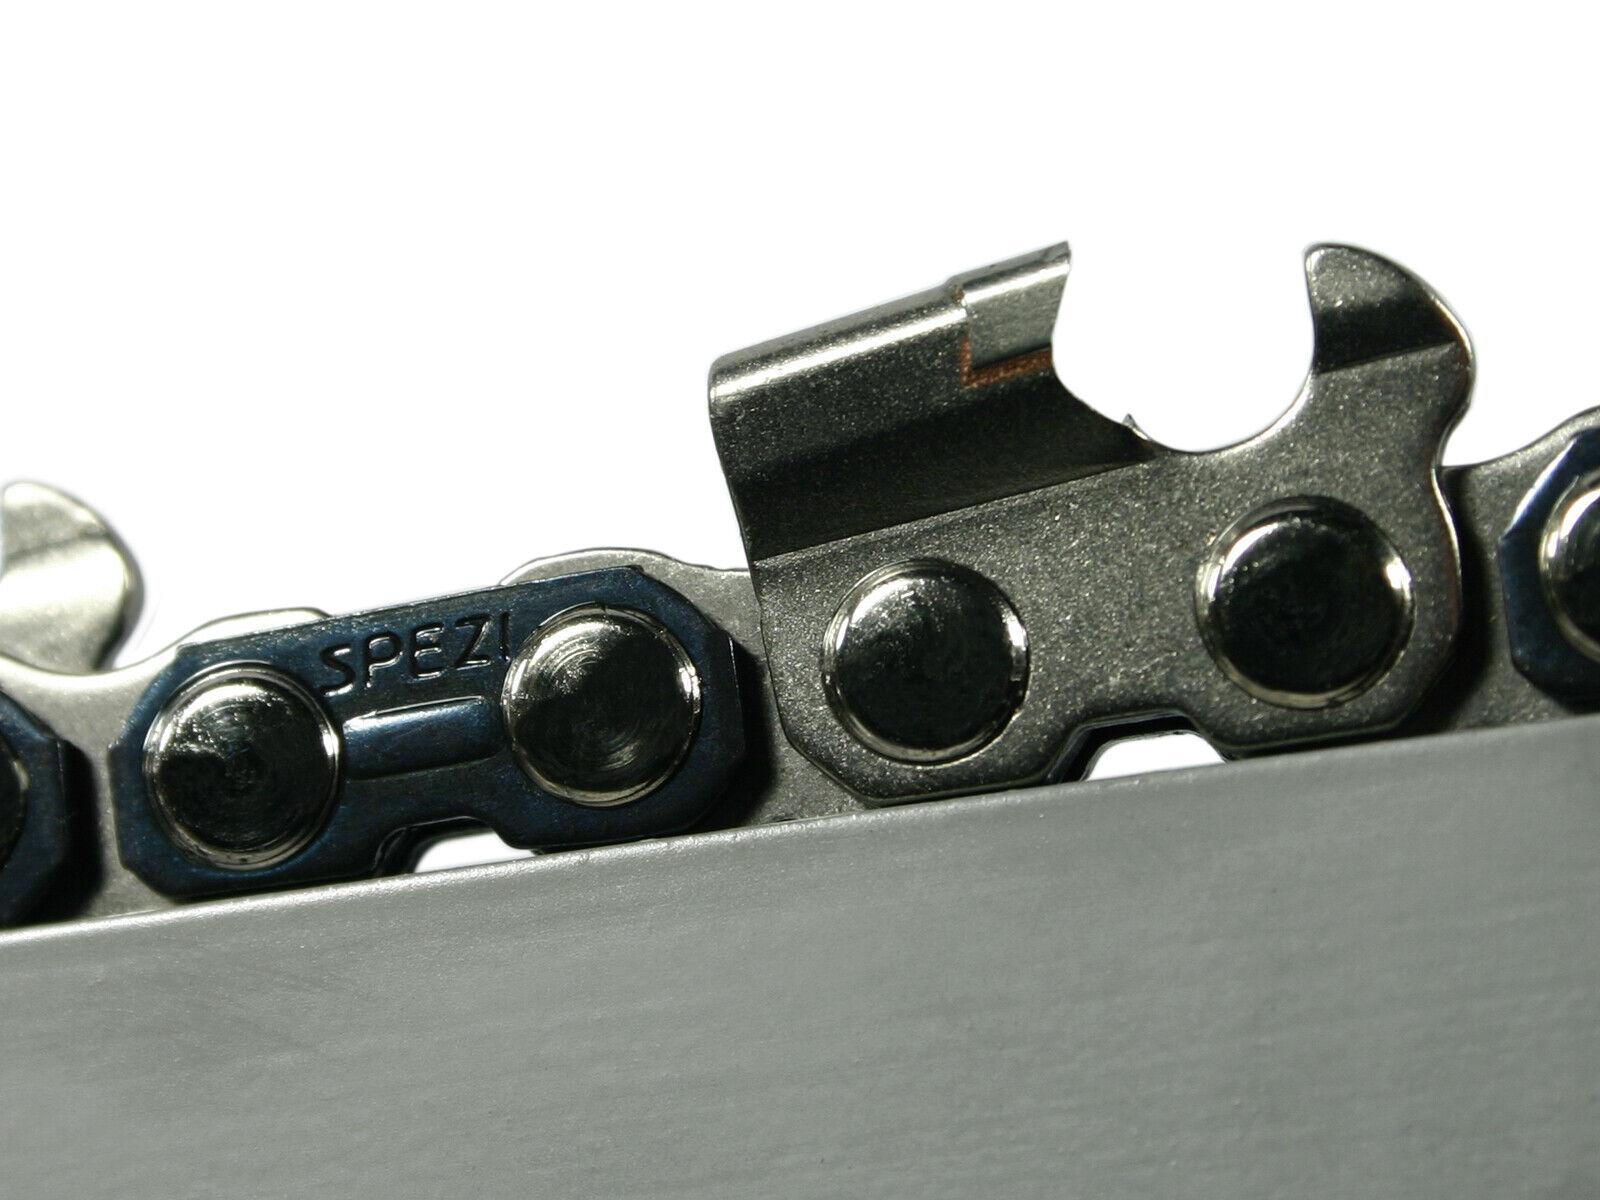 Cadena de sierra de Cocheburo adecuada para Husqvarna 181 43 cm 3 8  64 TG 1.5 mm Cocheburo